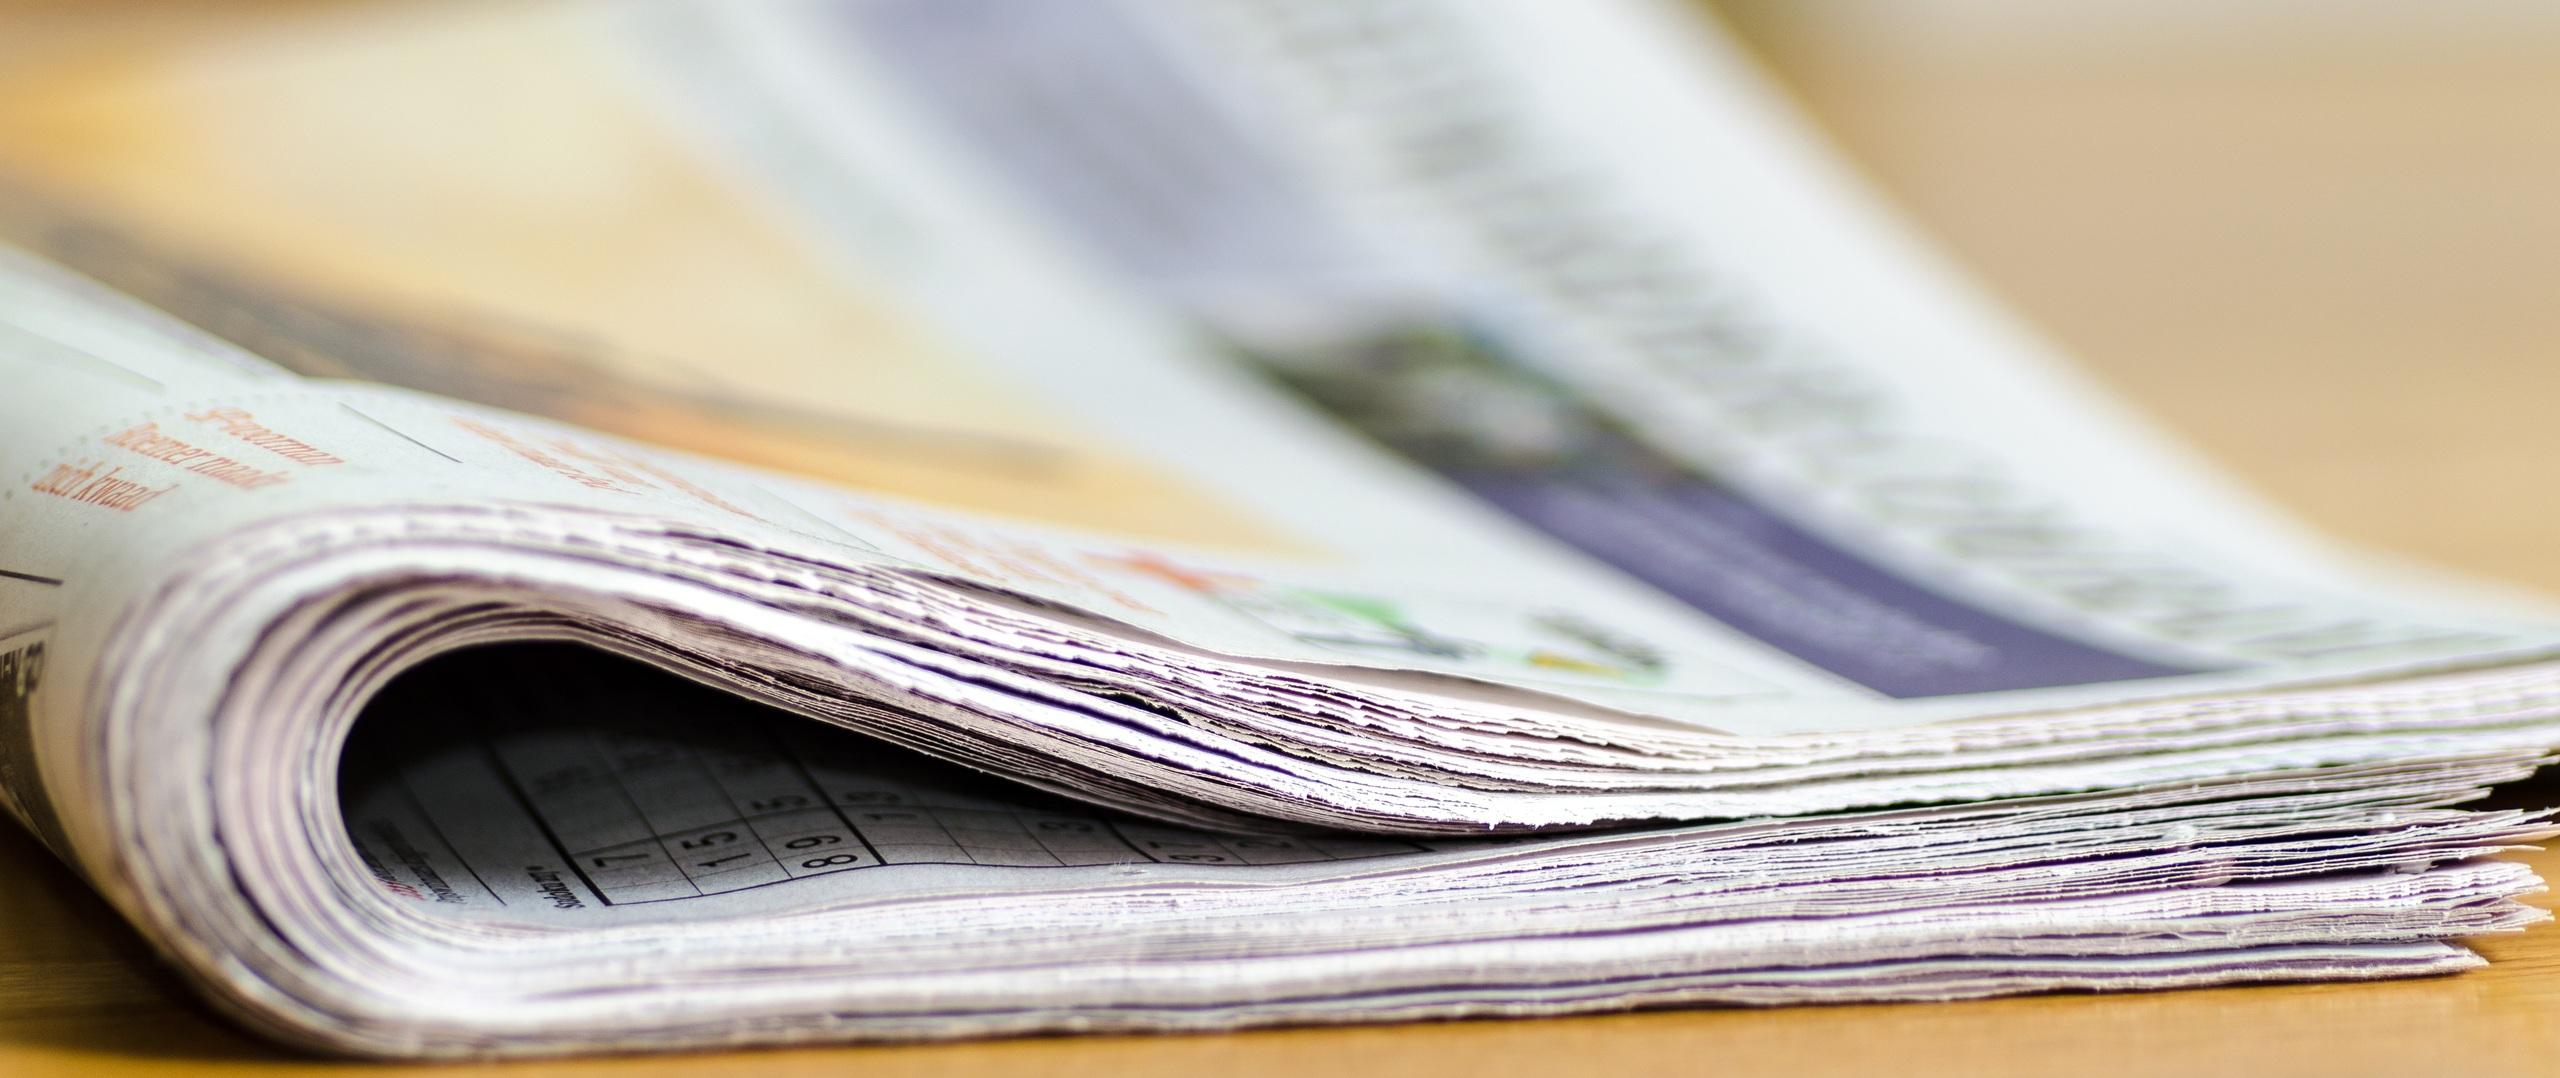 wyjaśnienia do artykułu Gazety Wyborczej